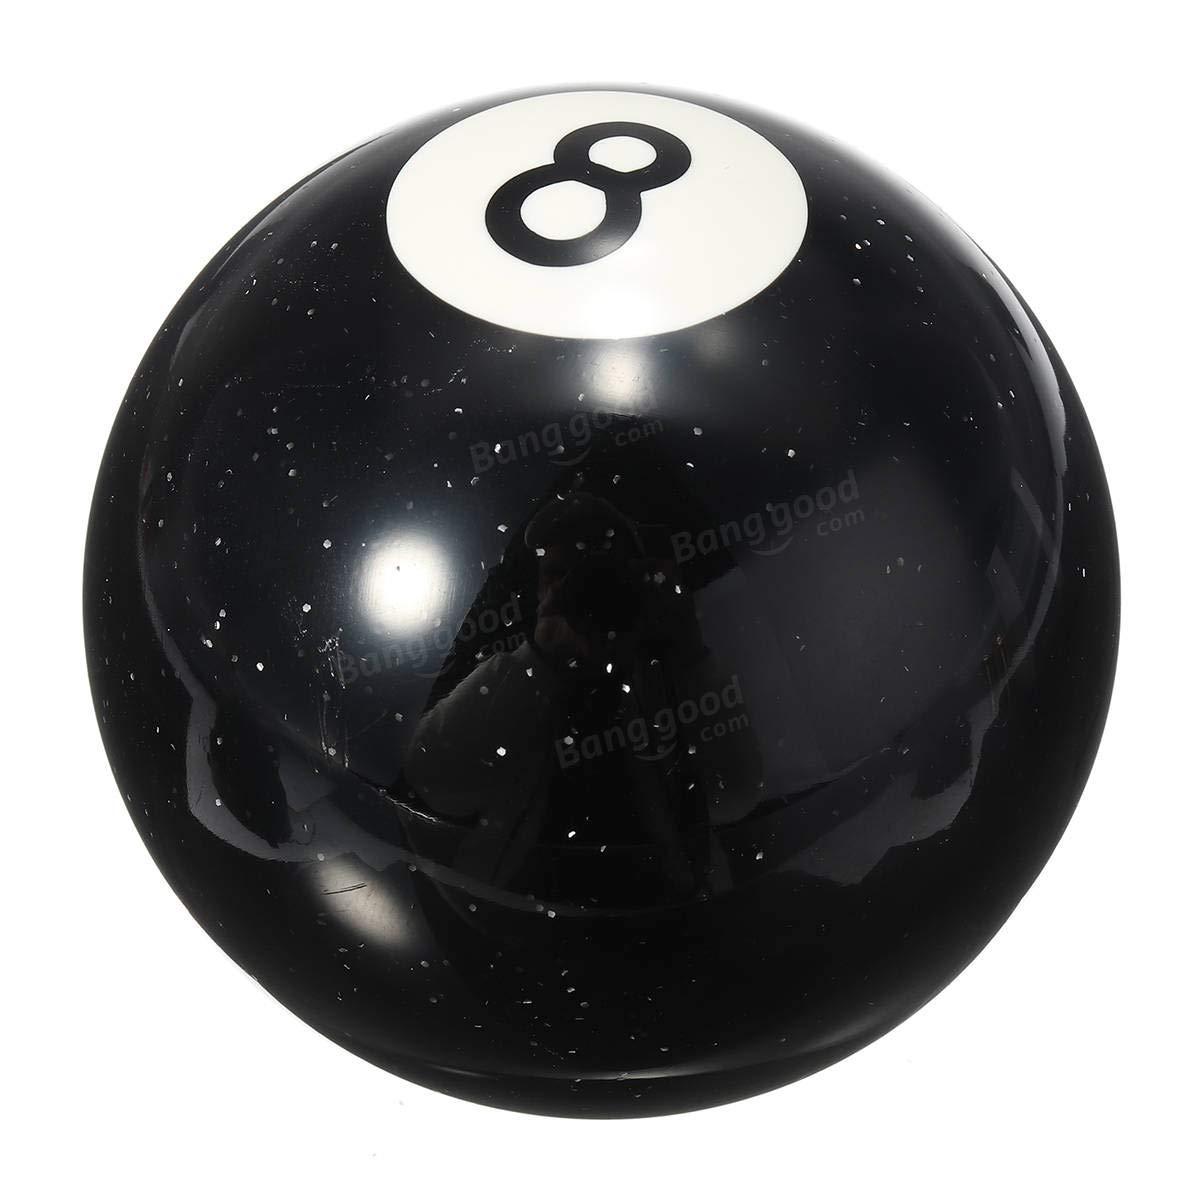 Pomo universal de 8 bolas para billar de coches, palanca de cambio ...